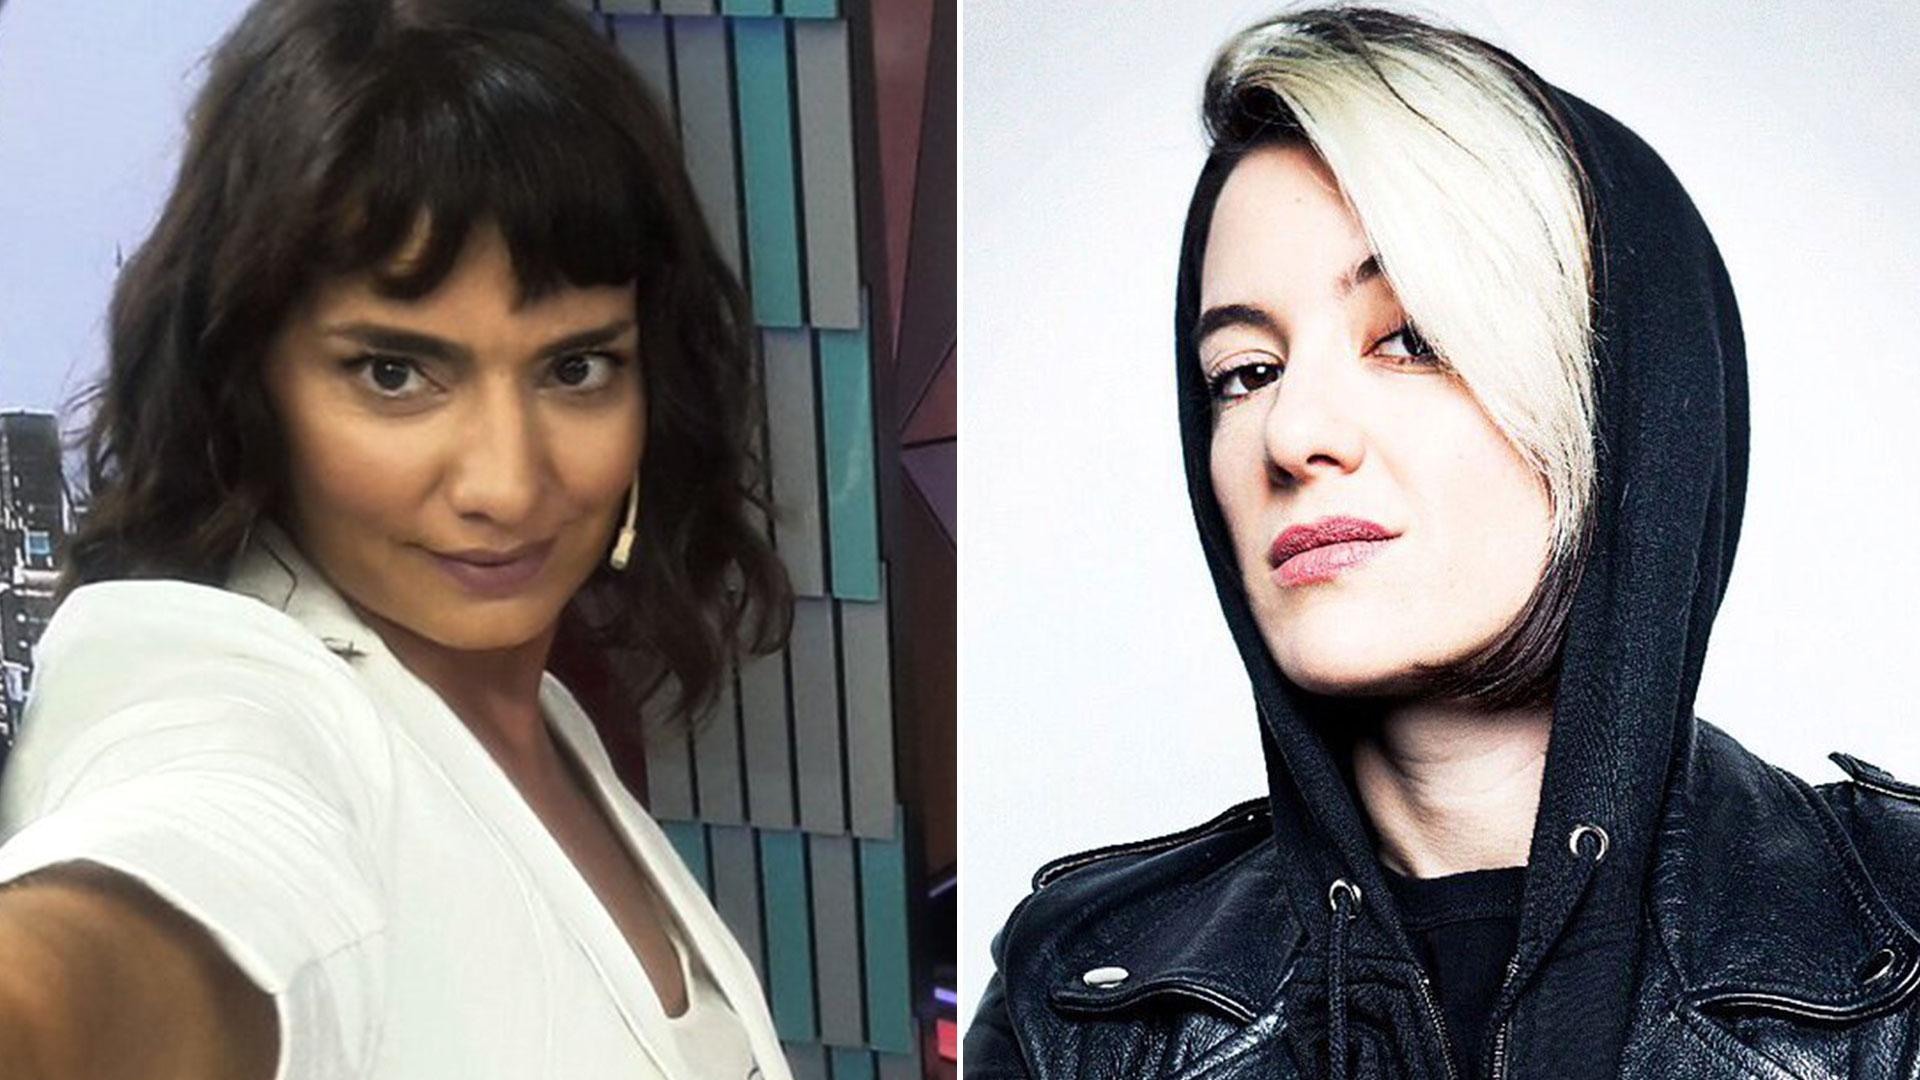 Valeria Sampedro y Malena Pichot tuvieron un duro cruce a través de las redes sociales